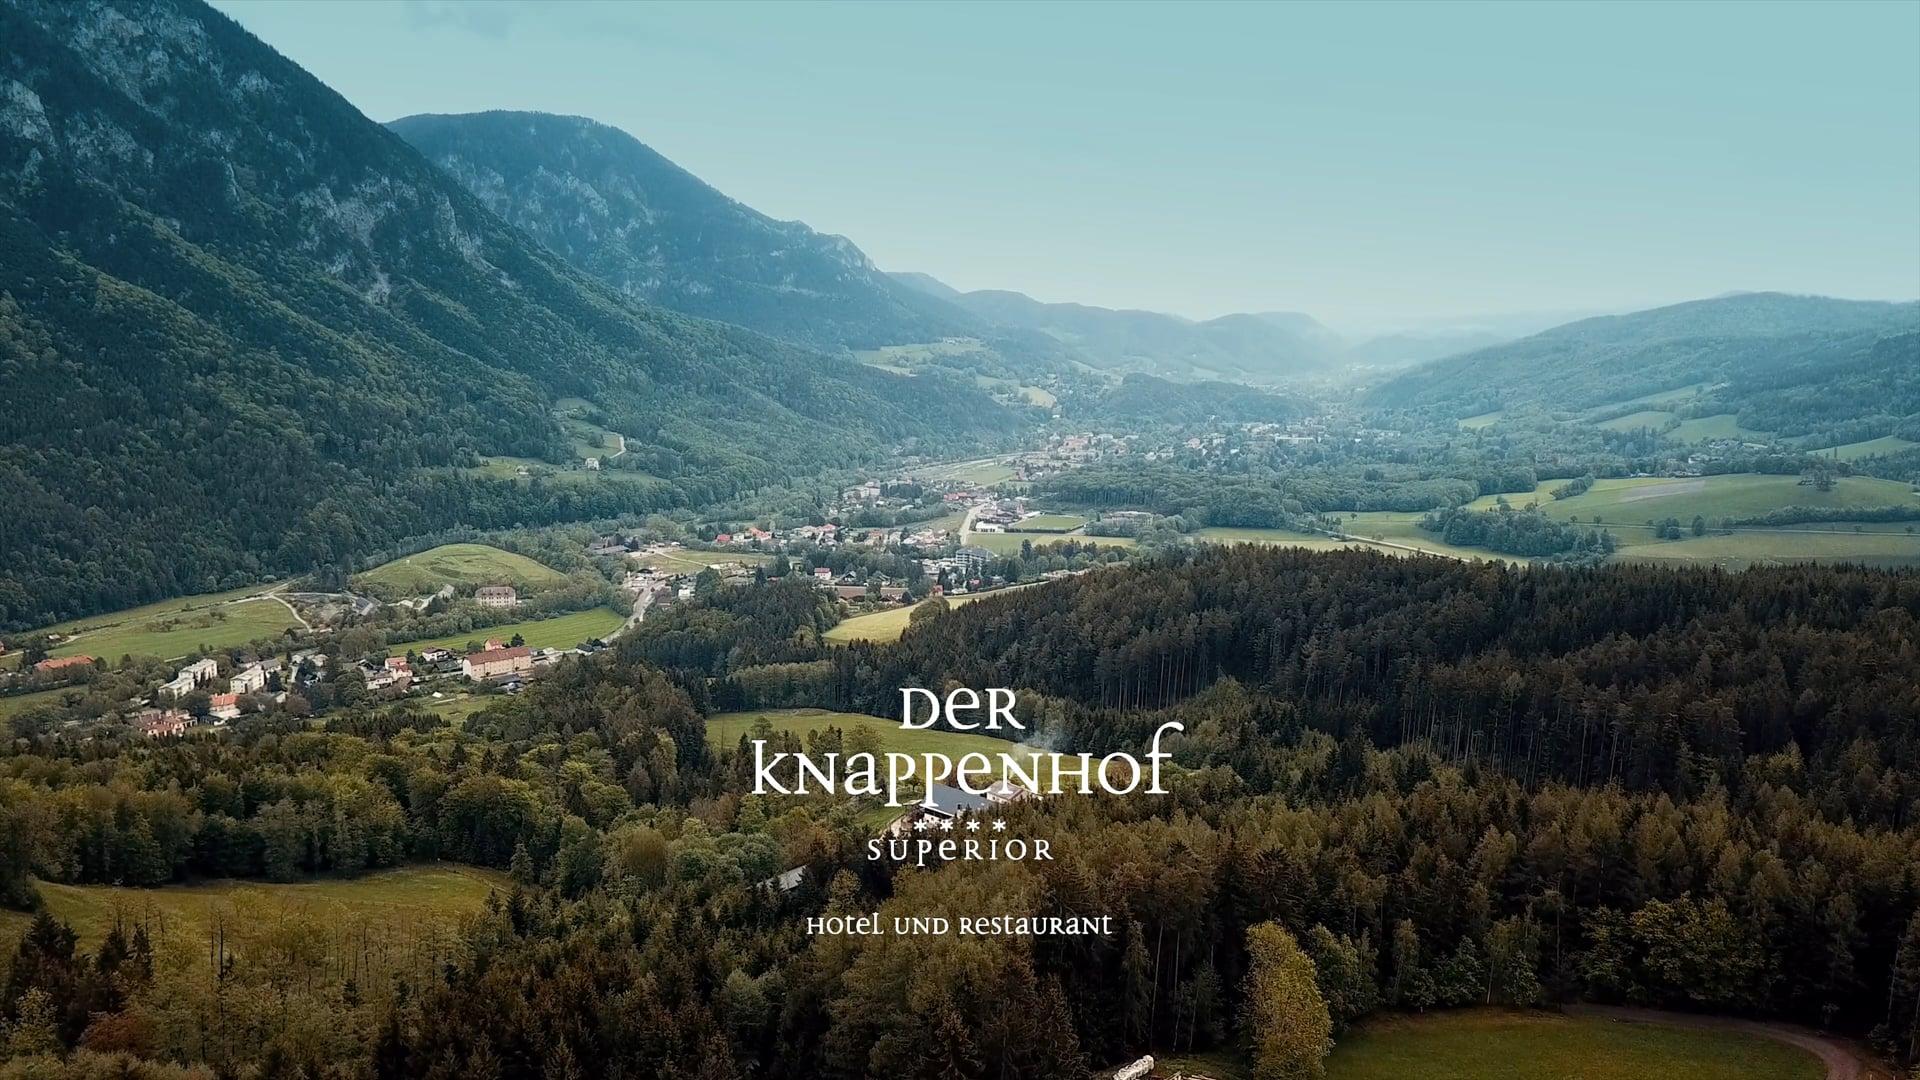 Knappenhof Imagefilm 2019.